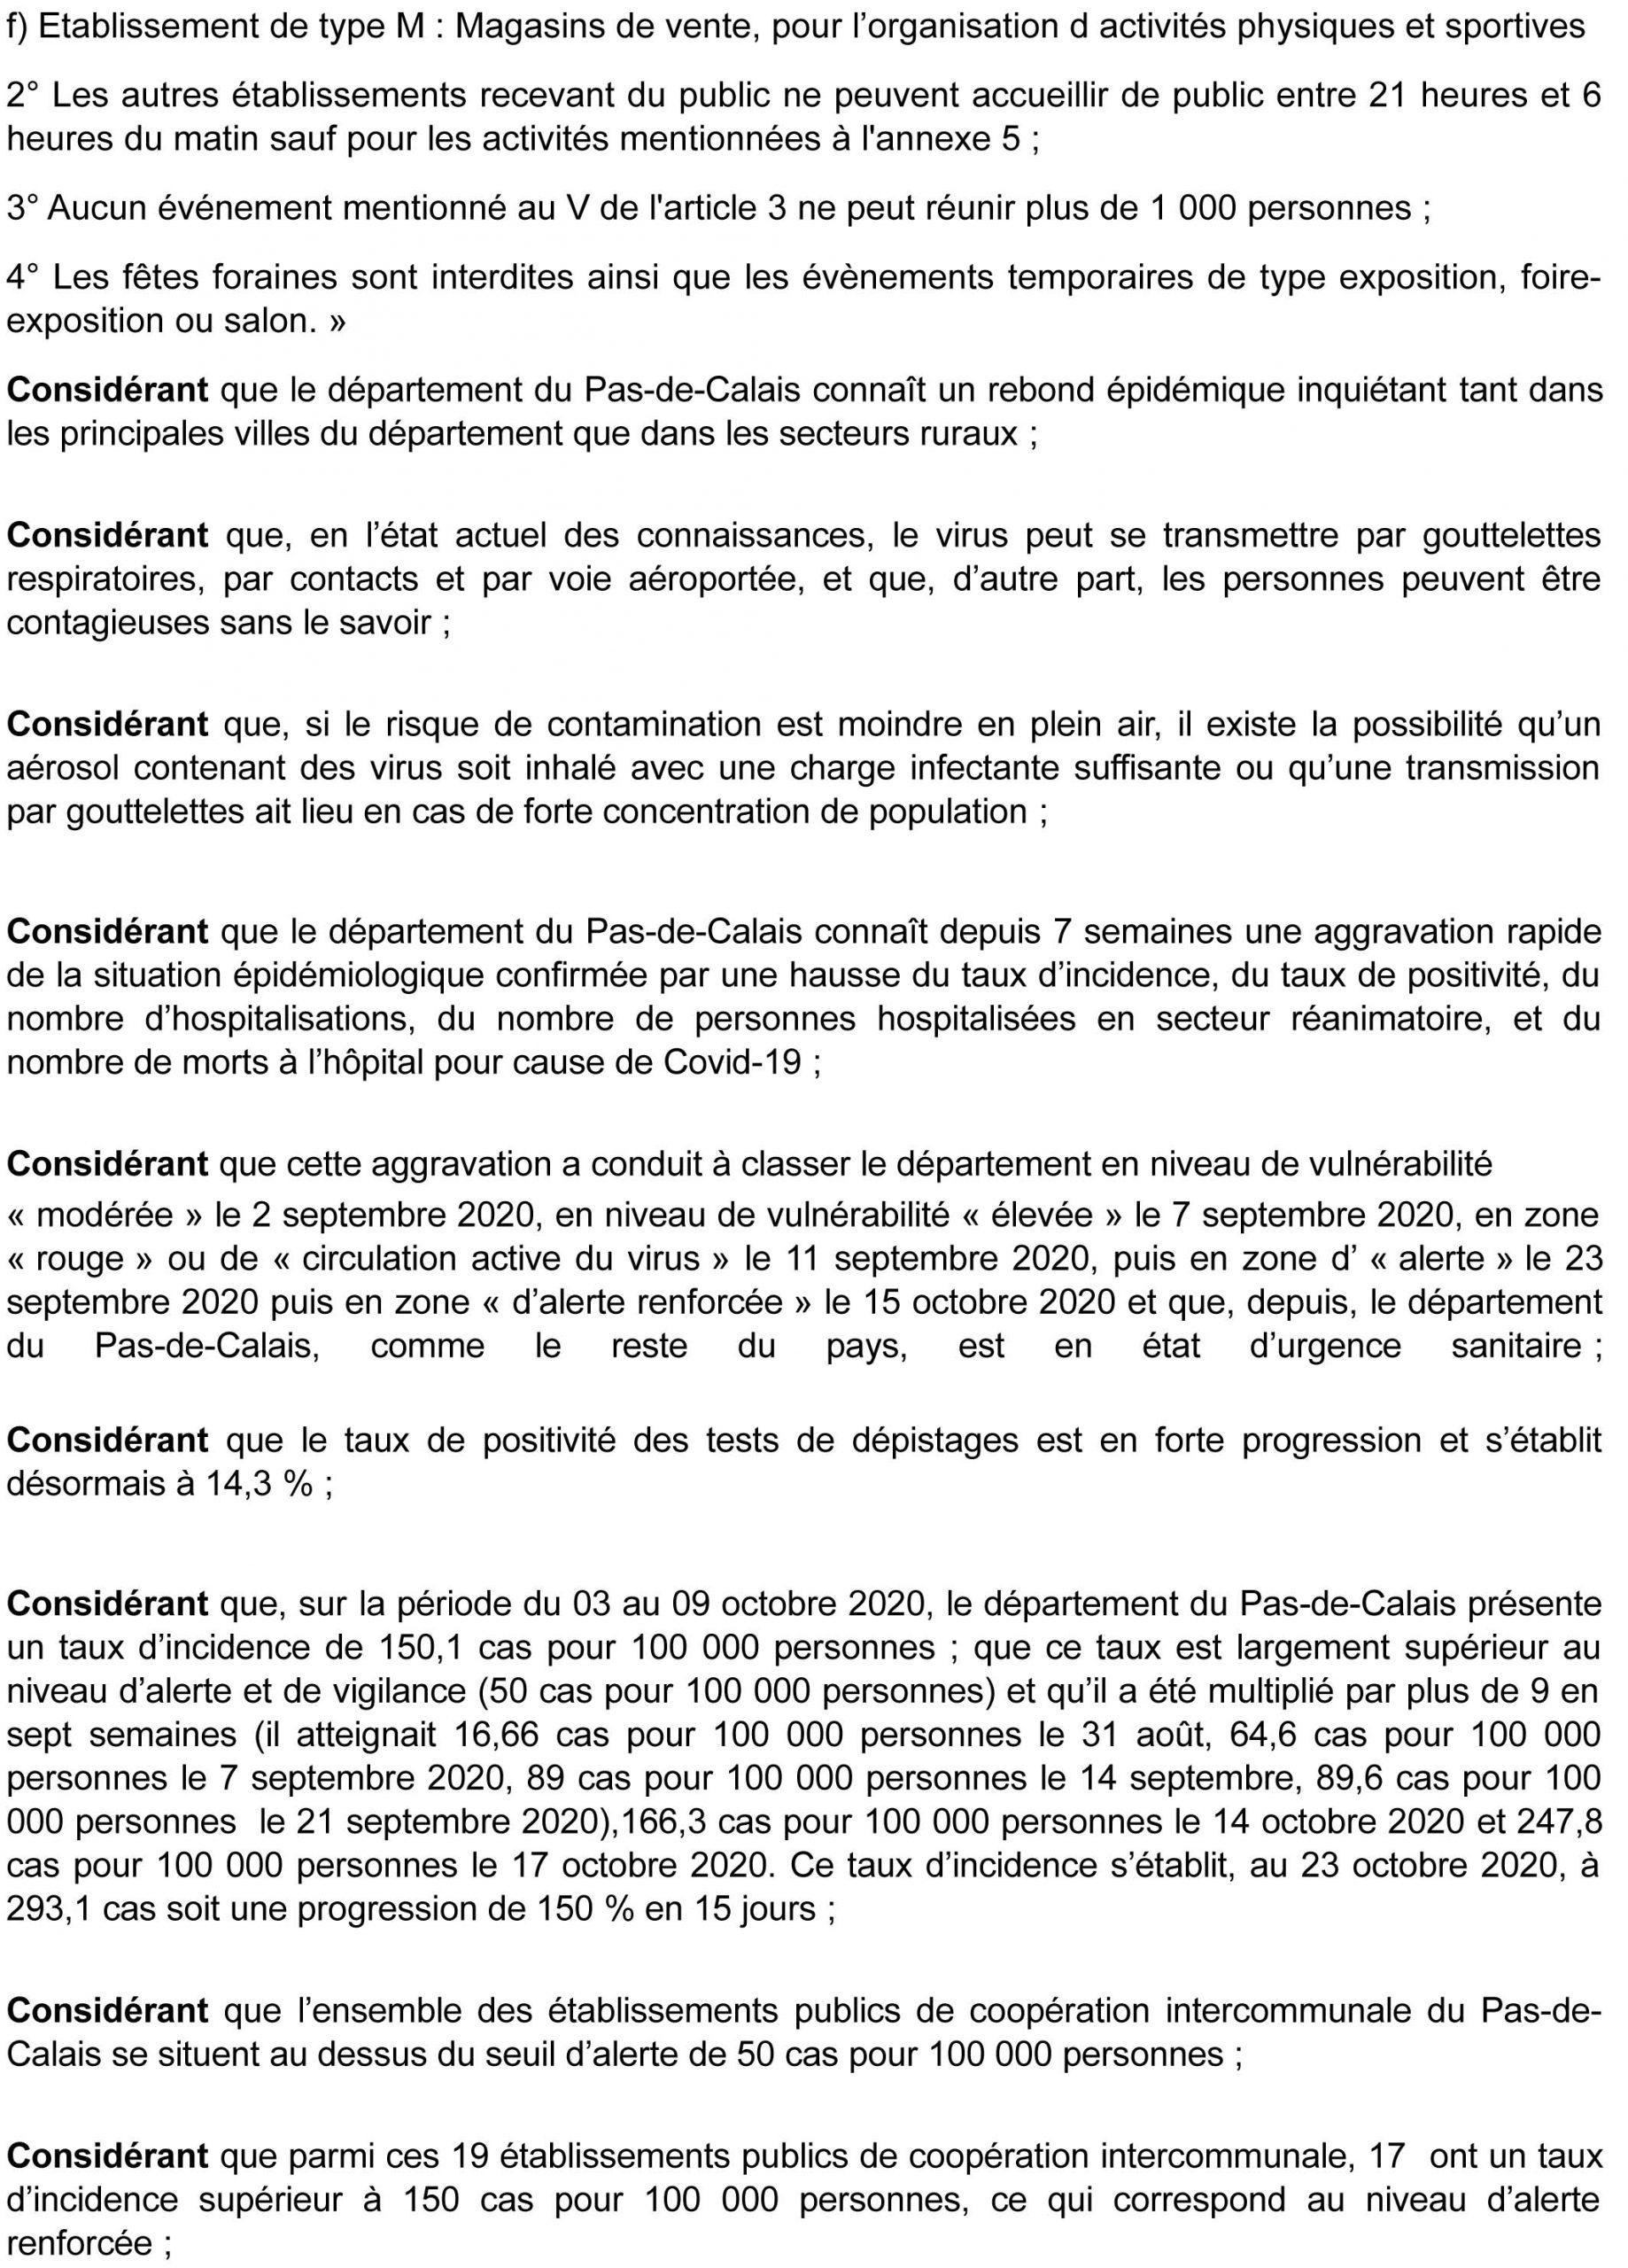 Arrete_prefectoral_du_24_octobre_2020-6